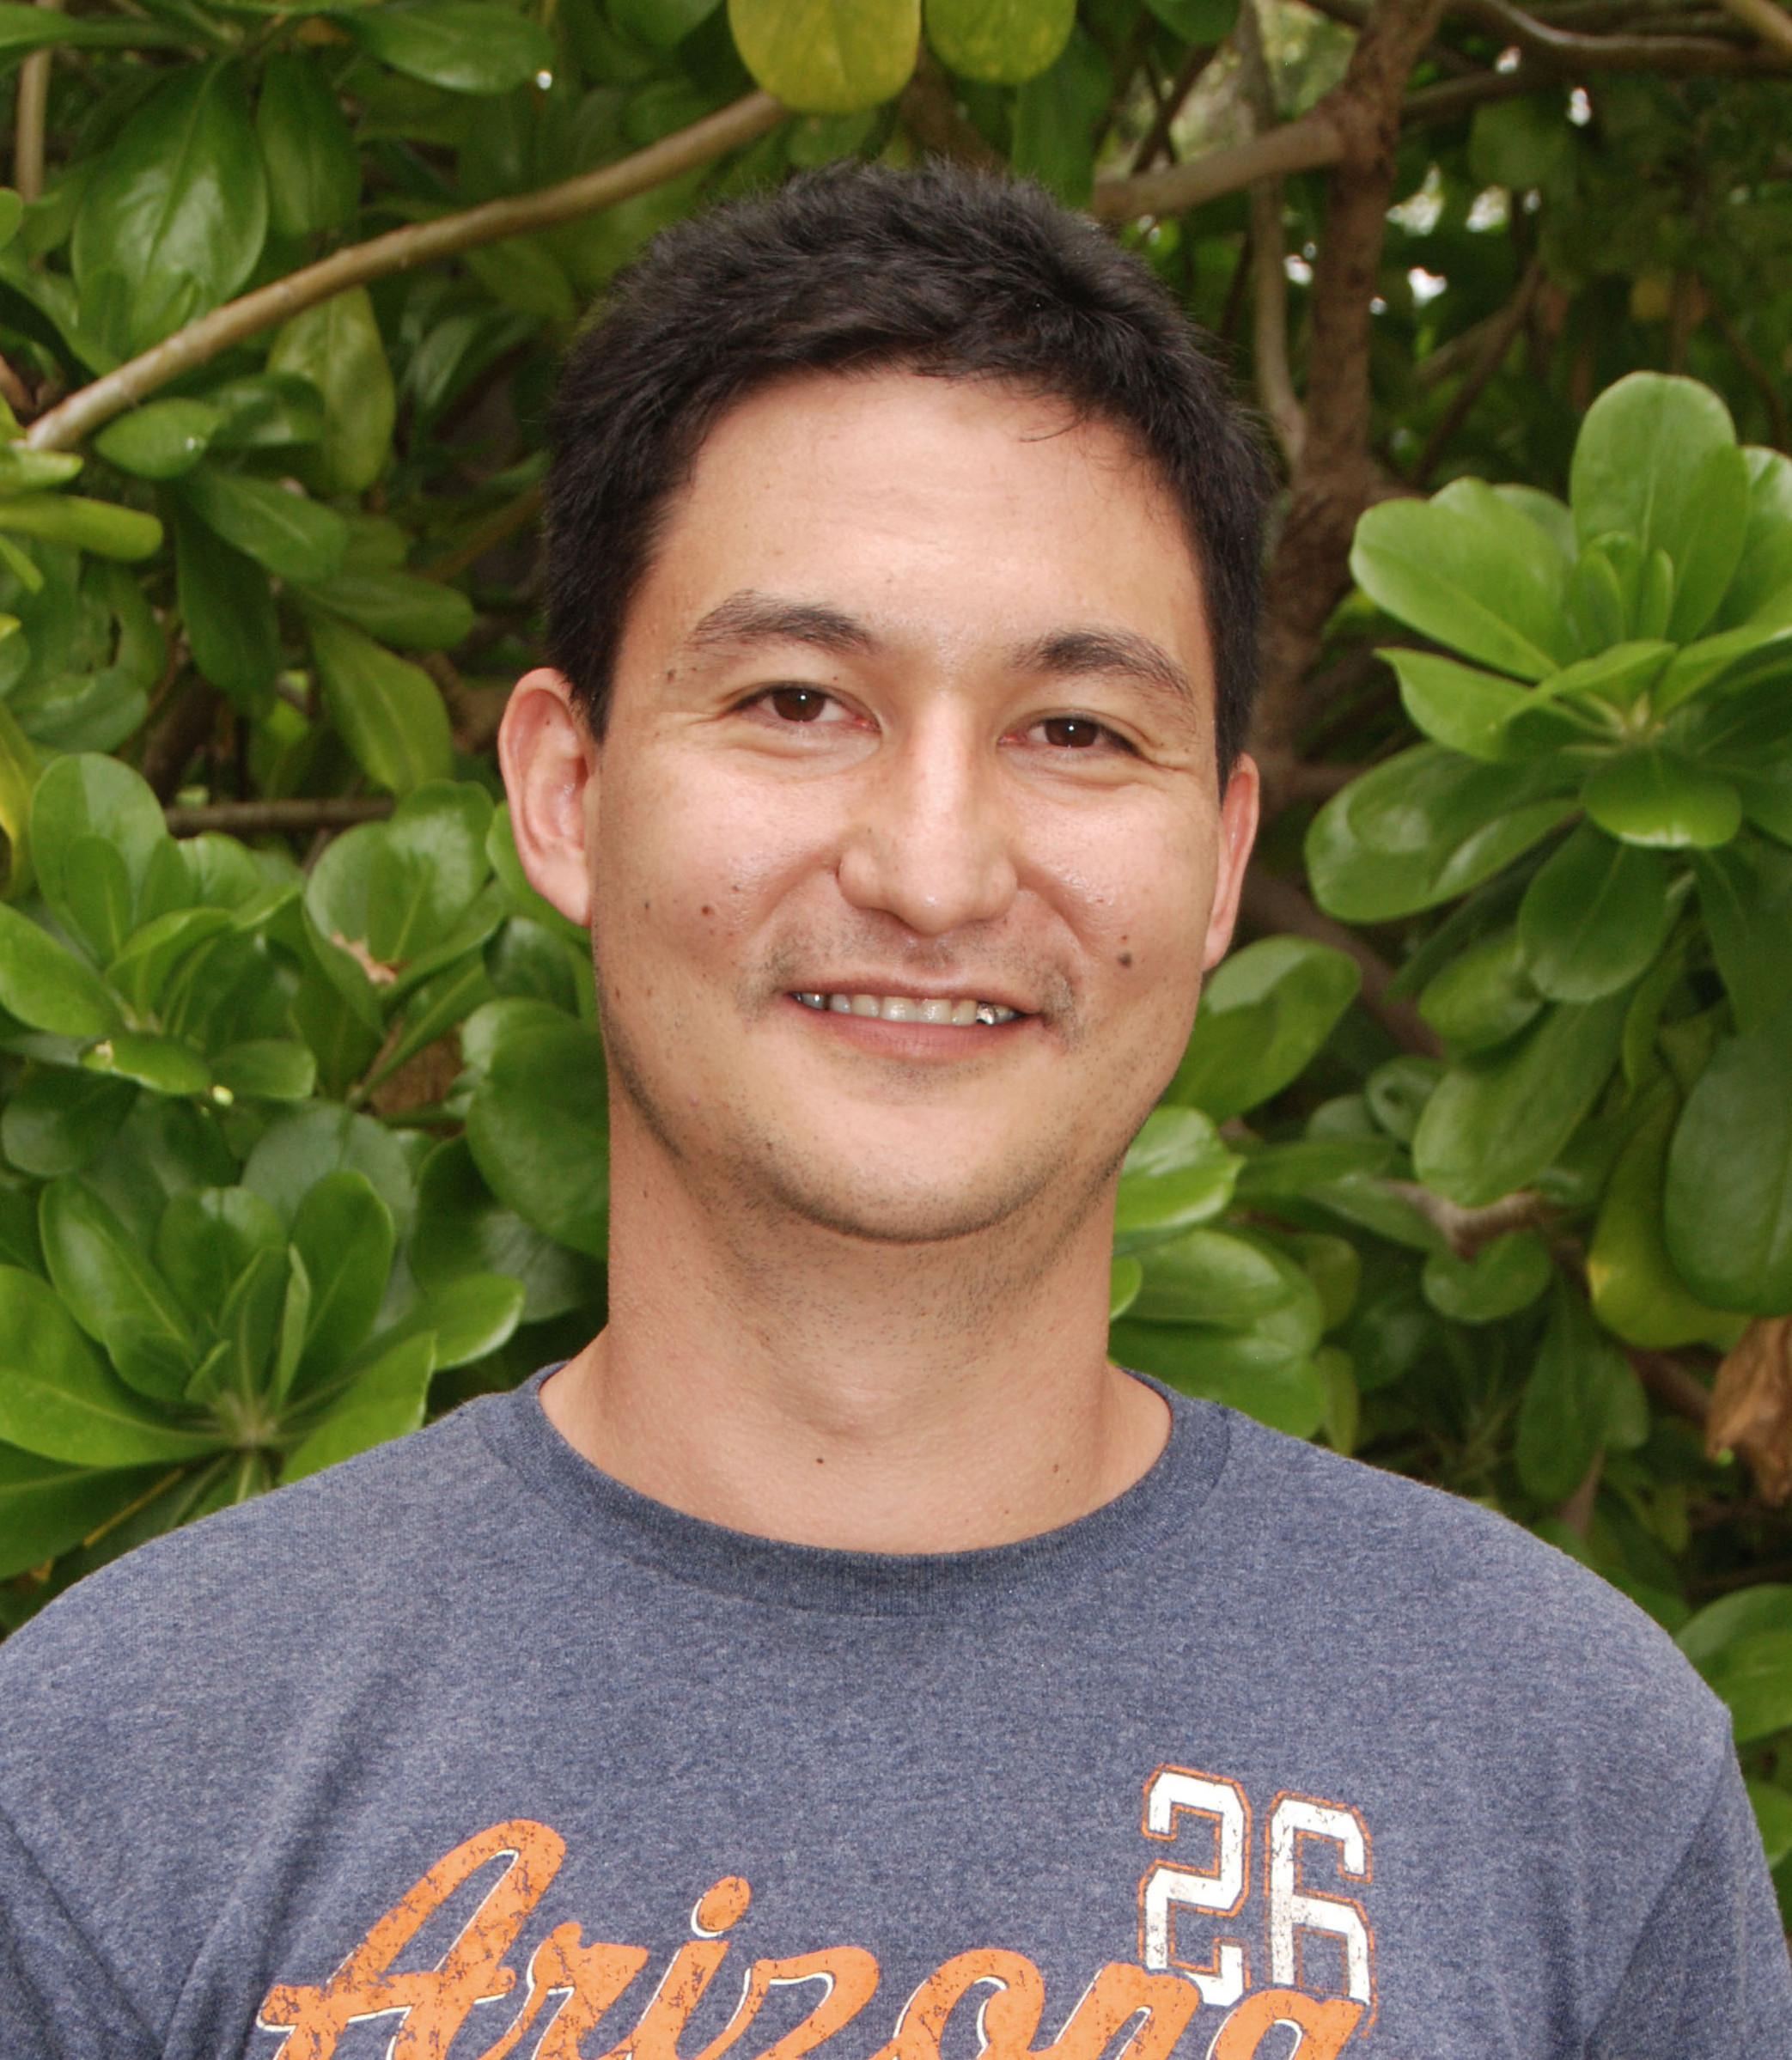 Matsu Thornton